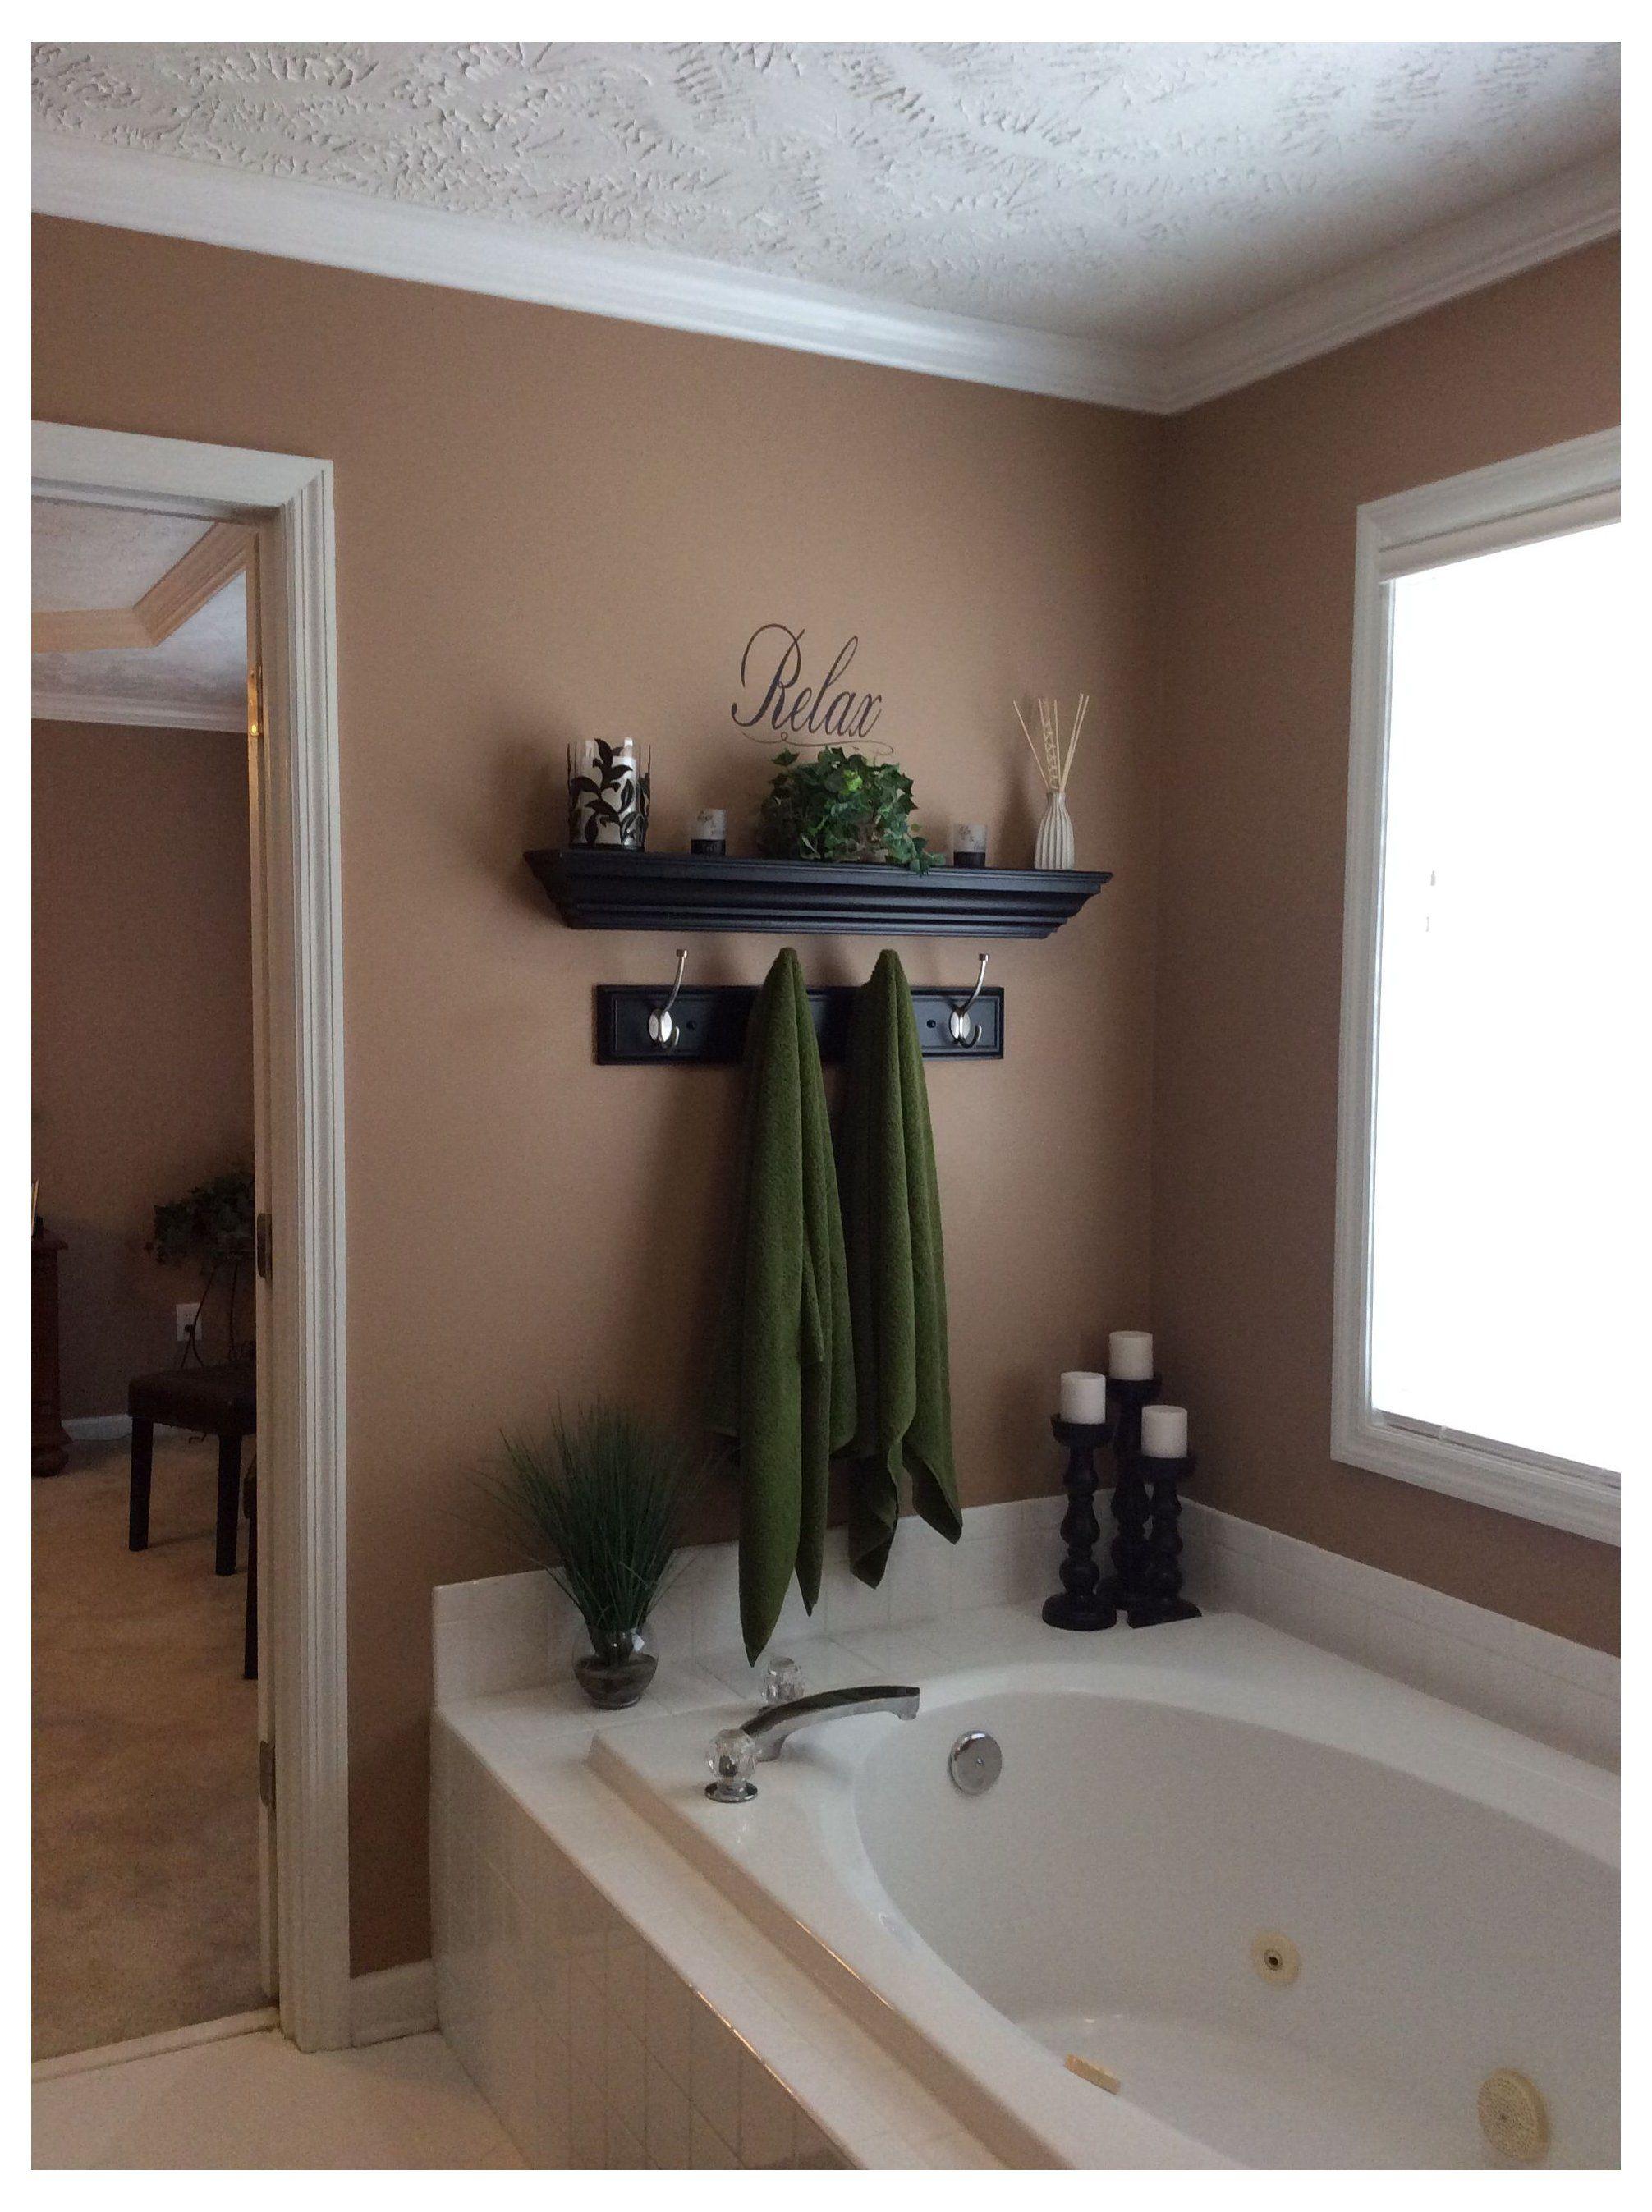 Garden Tub Decor Master Bath Corner Garden Tub Wall Decor Restroom Decor Bathtub Decor Bathroom Decor